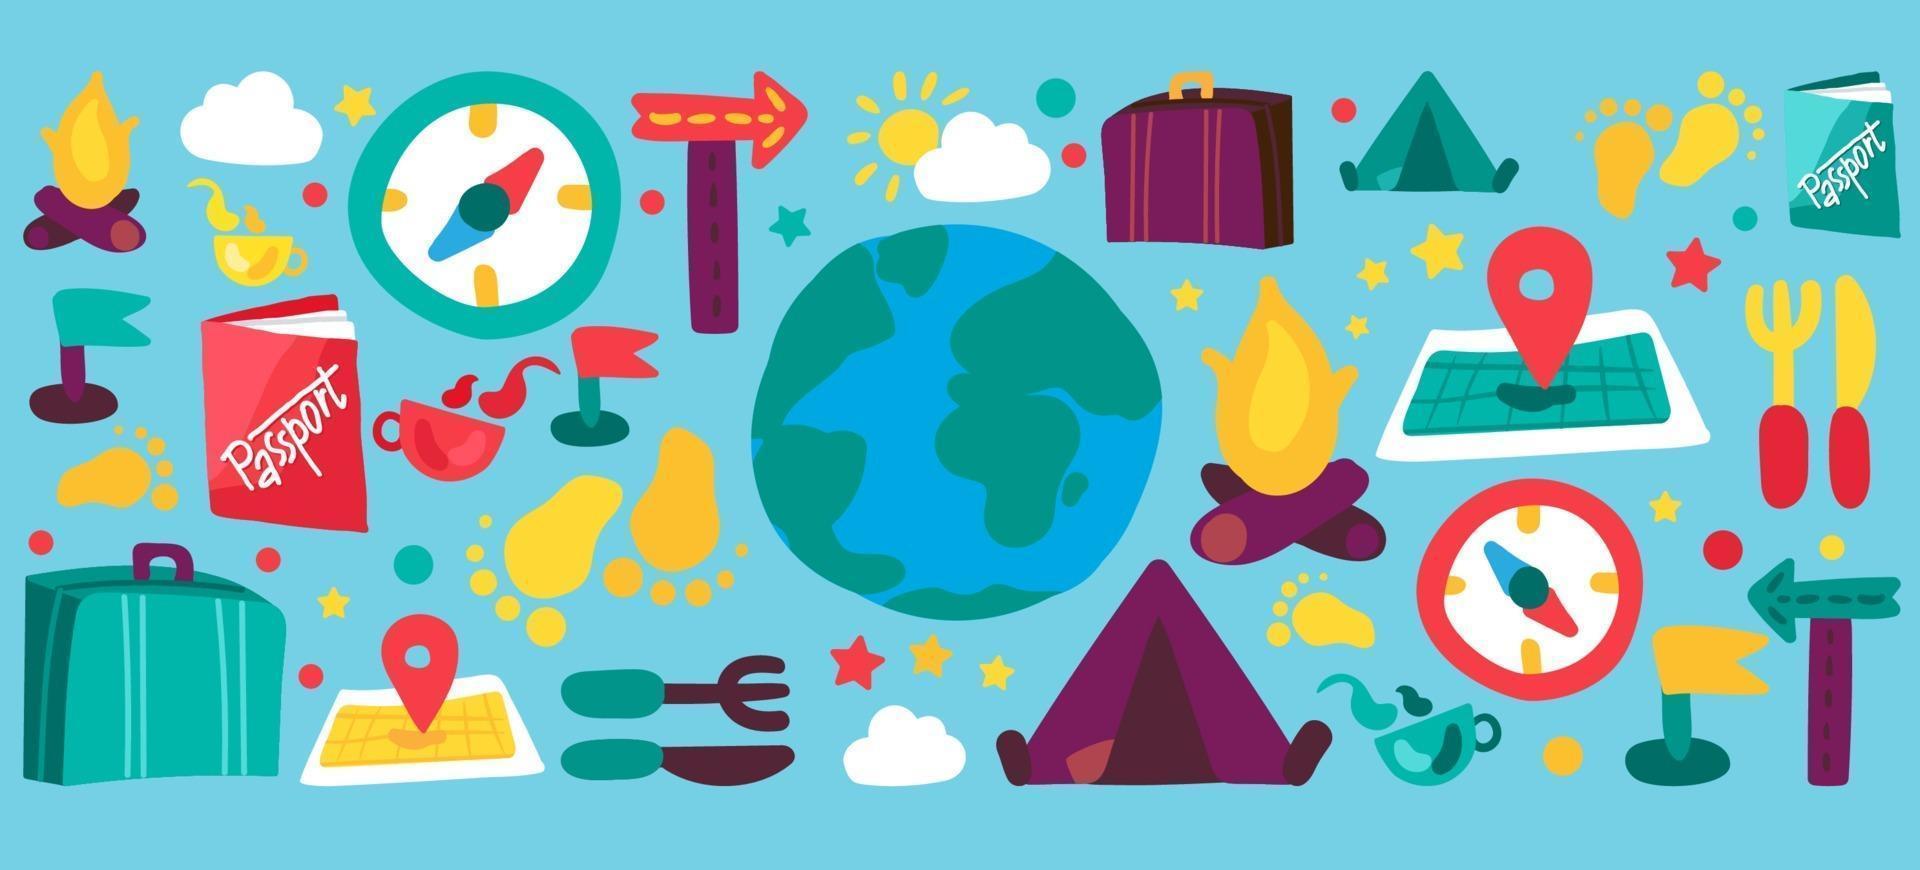 turism och resor tecknad illustrationer set vektor